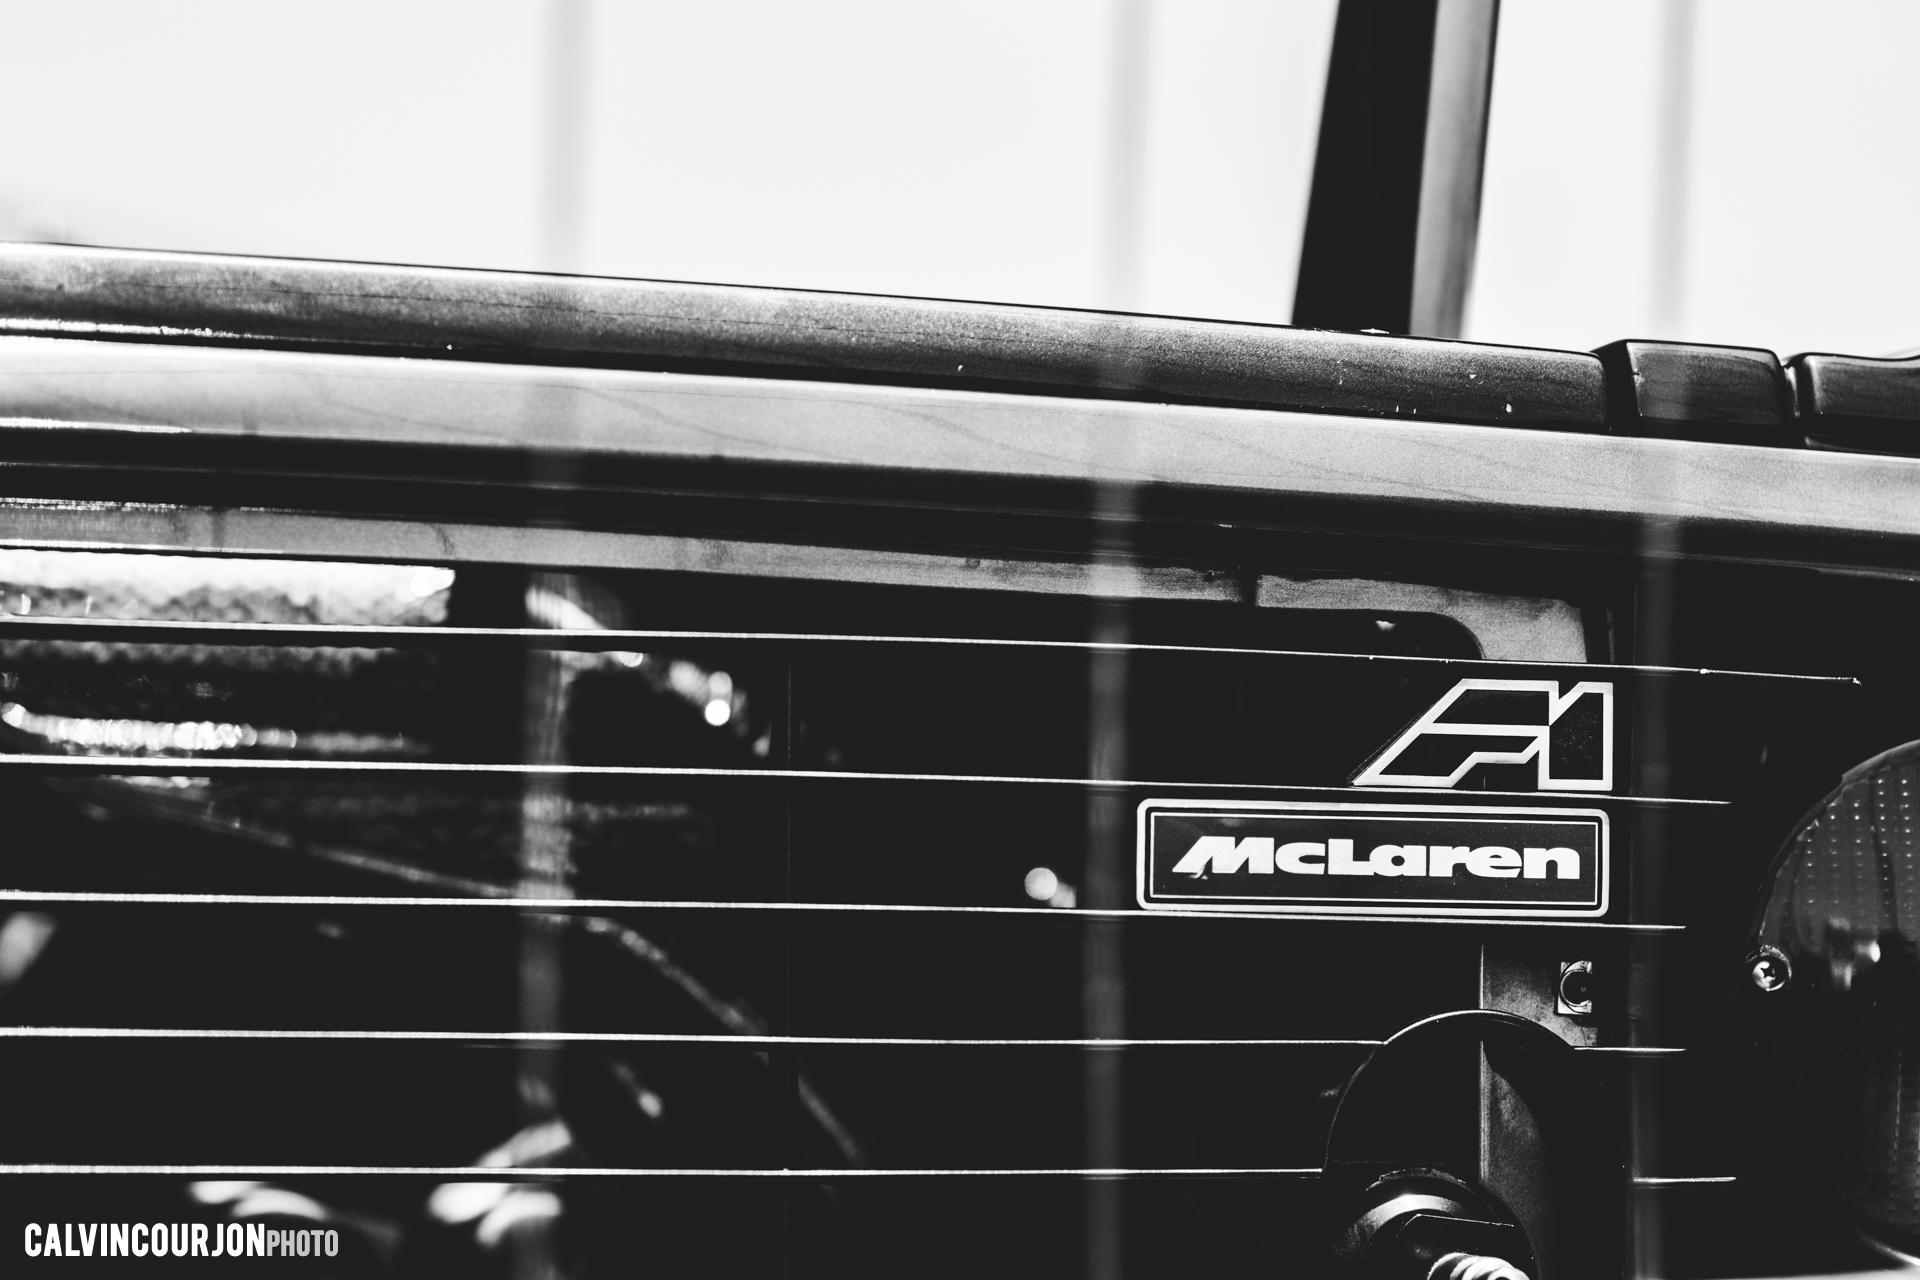 McLaren F1 road-car (1994) logo - 2015 - photo Calvin Courjon